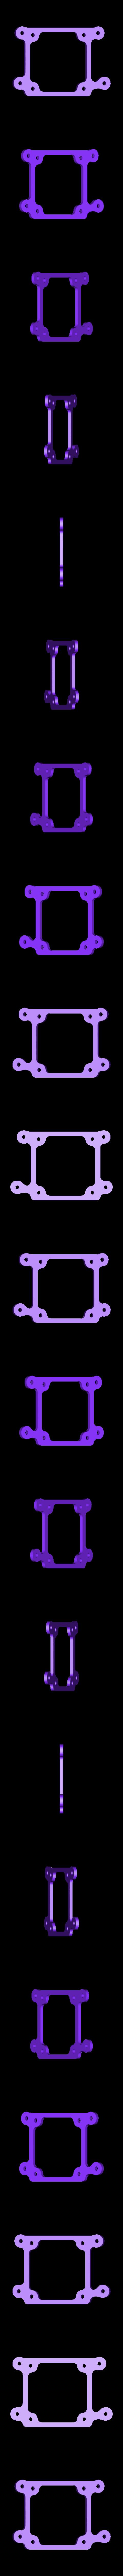 FAN-MOUNT.stl Download free STL file Ramps 1.4 Fan Mount - 1 hour print • 3D printer template, BAYA